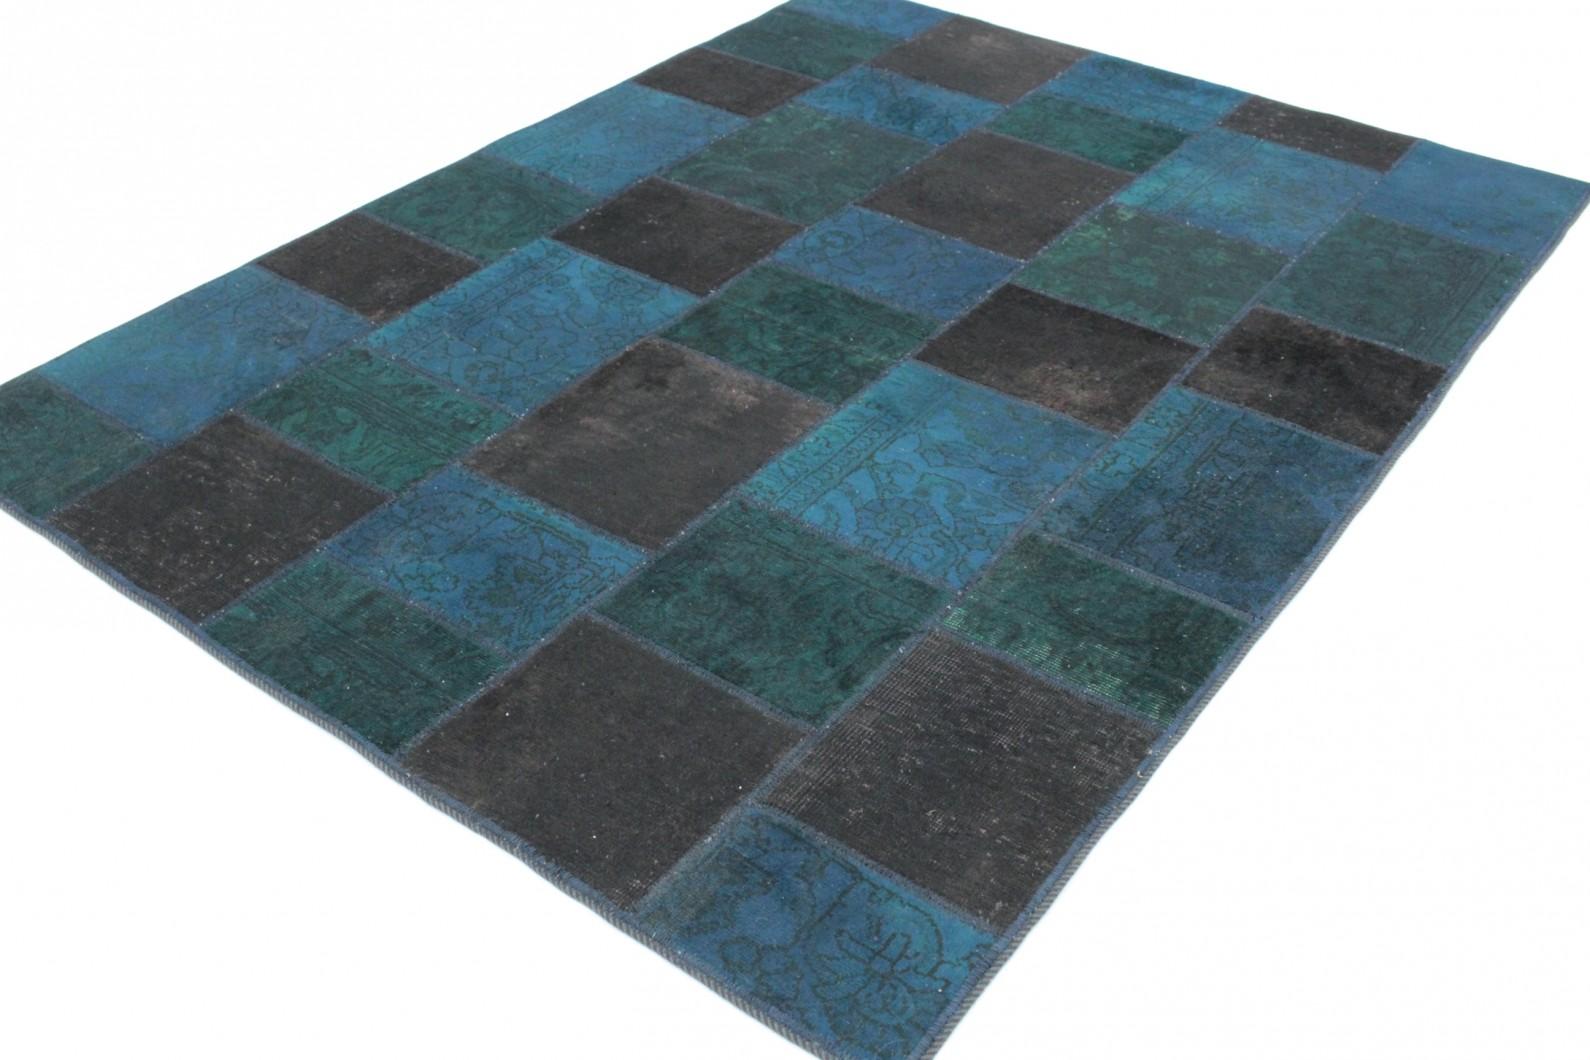 Teppich türkis braun  Patchwork Teppich Blau Türkis Braun in 200x150 (1001-167126) bei ...